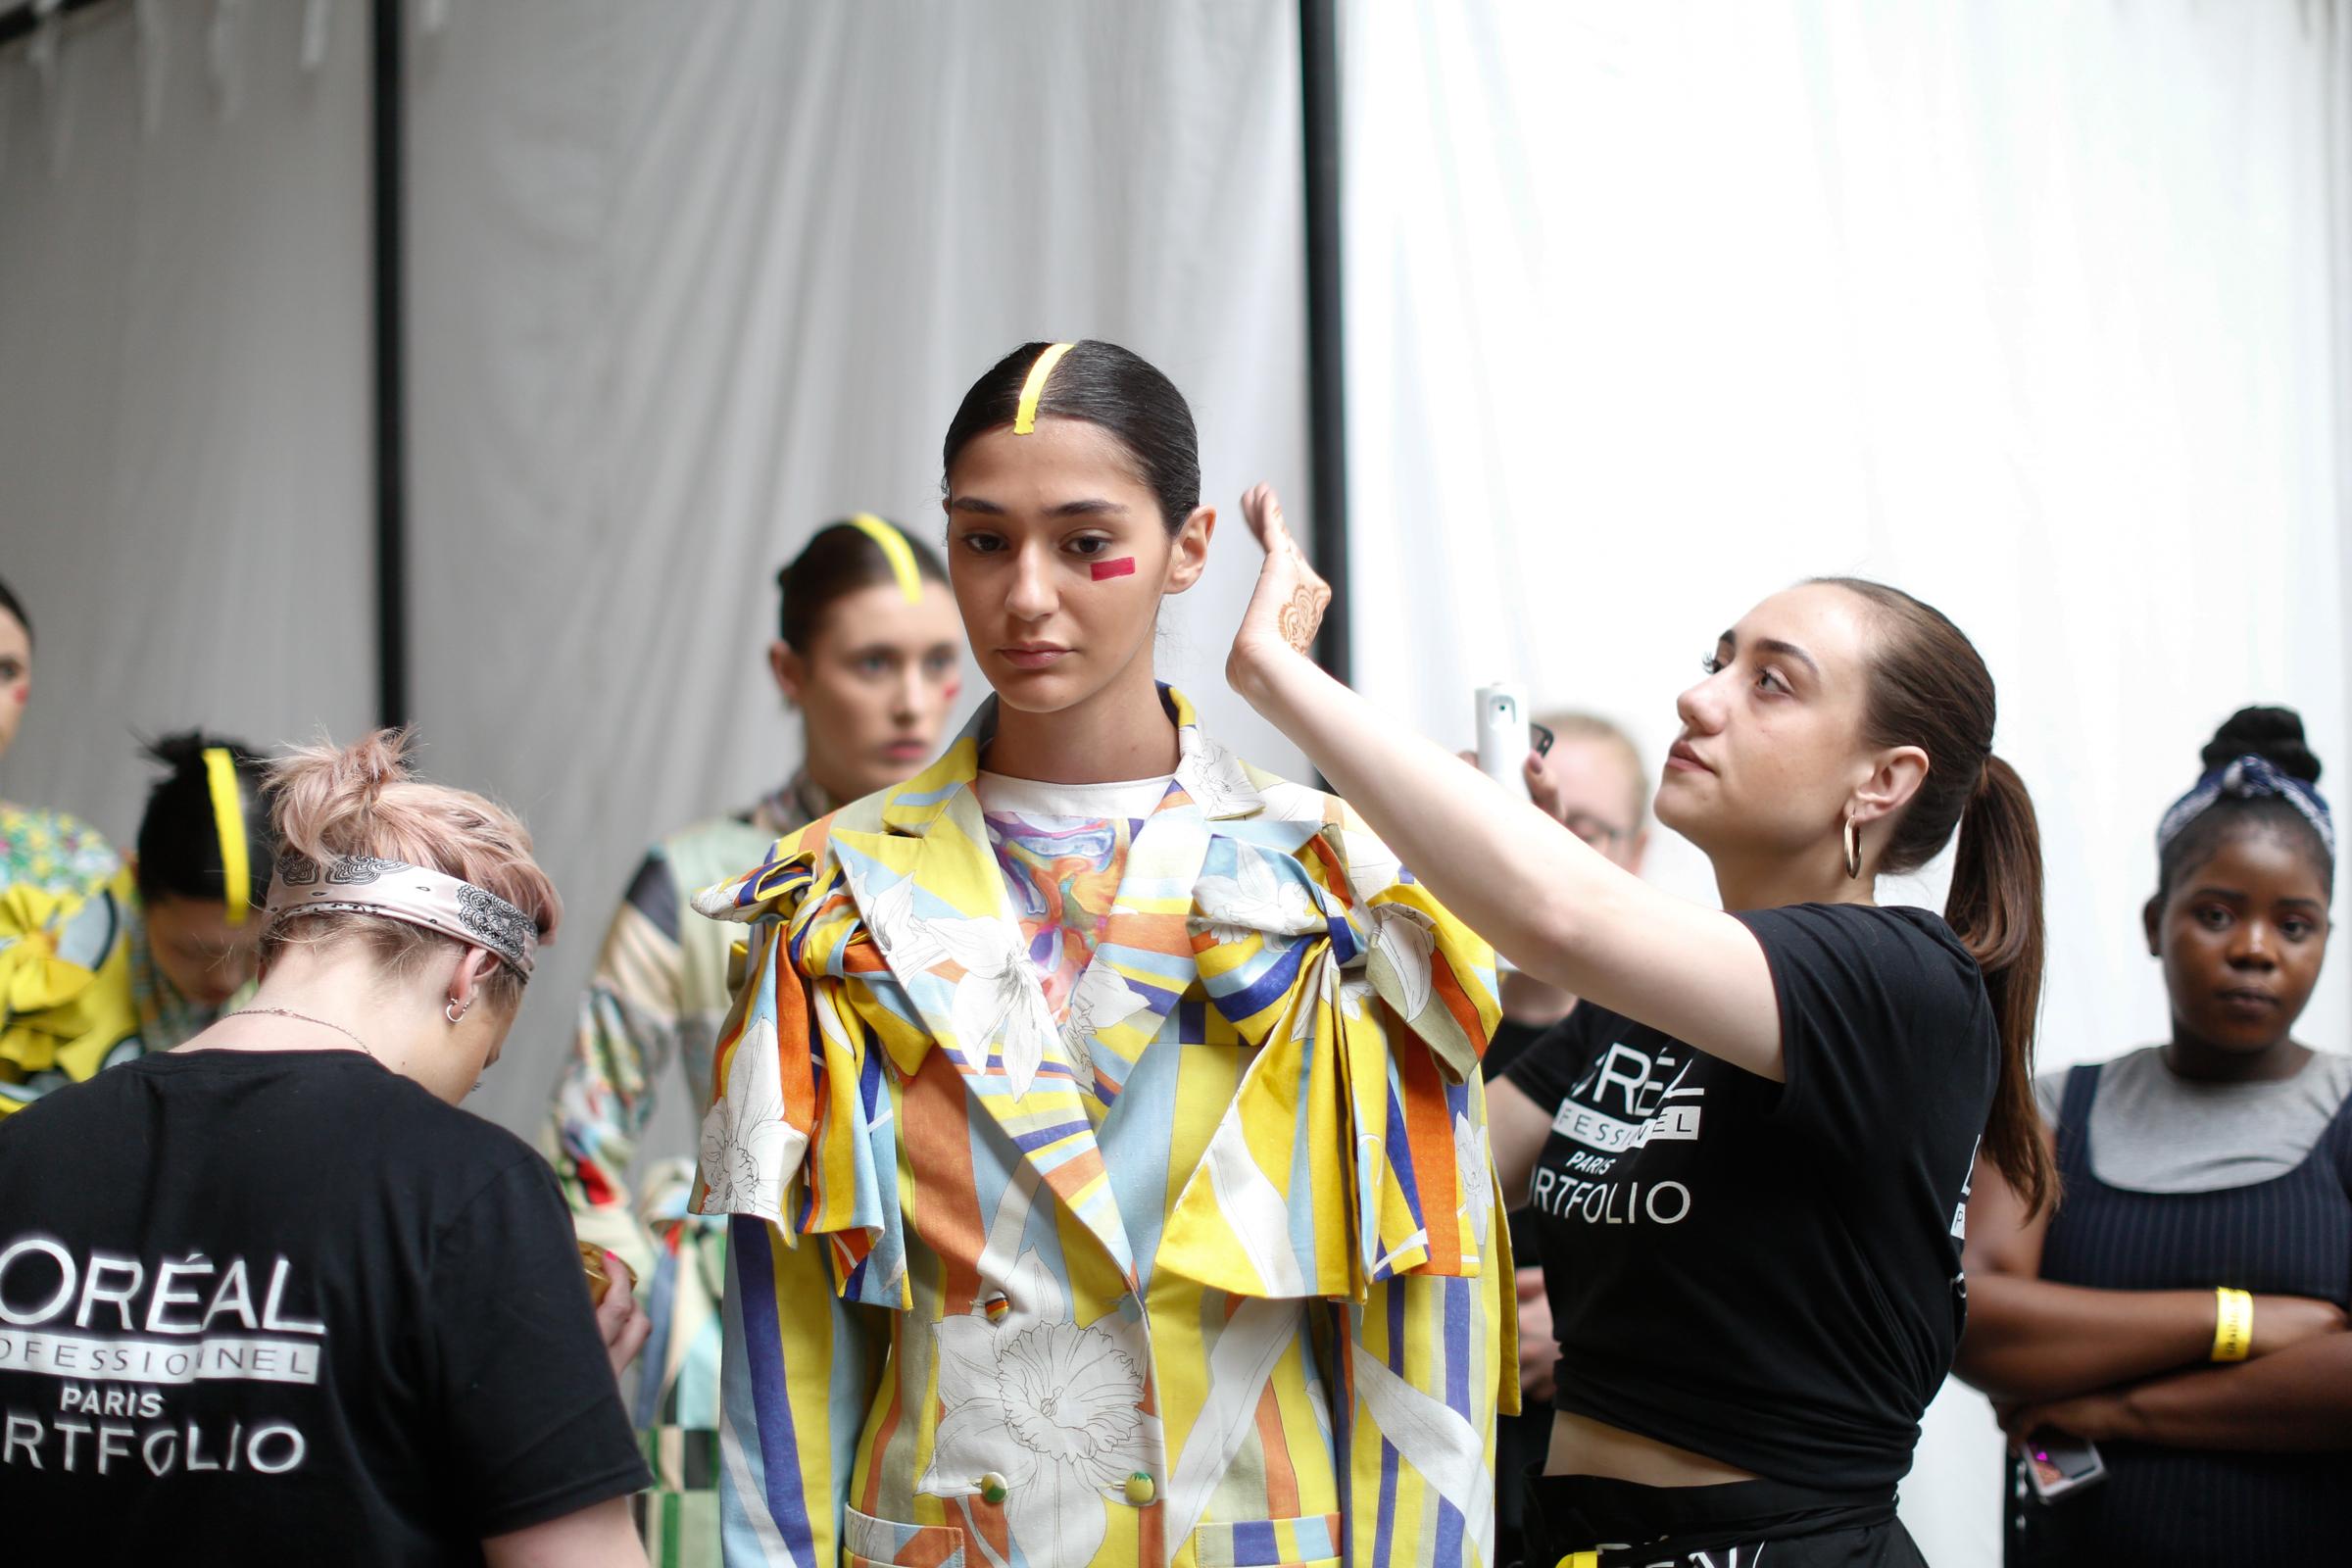 05-06 Nottingham Trent University Backstage images by Kathrin Werner 017.jpg